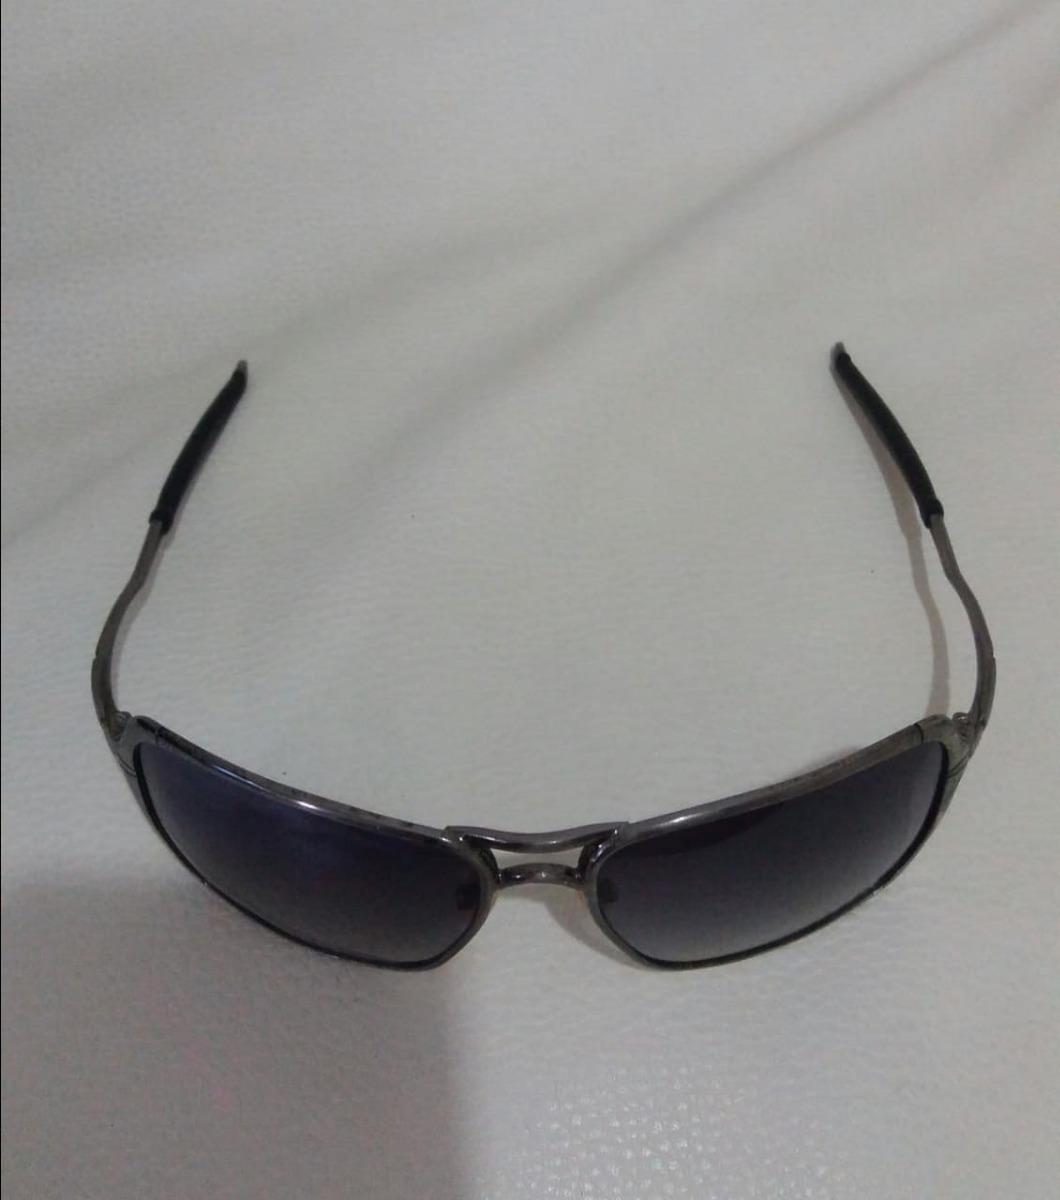 8b6c8616cf3c7 óculos oakley inmate original - lentes polarizadas. Carregando zoom.